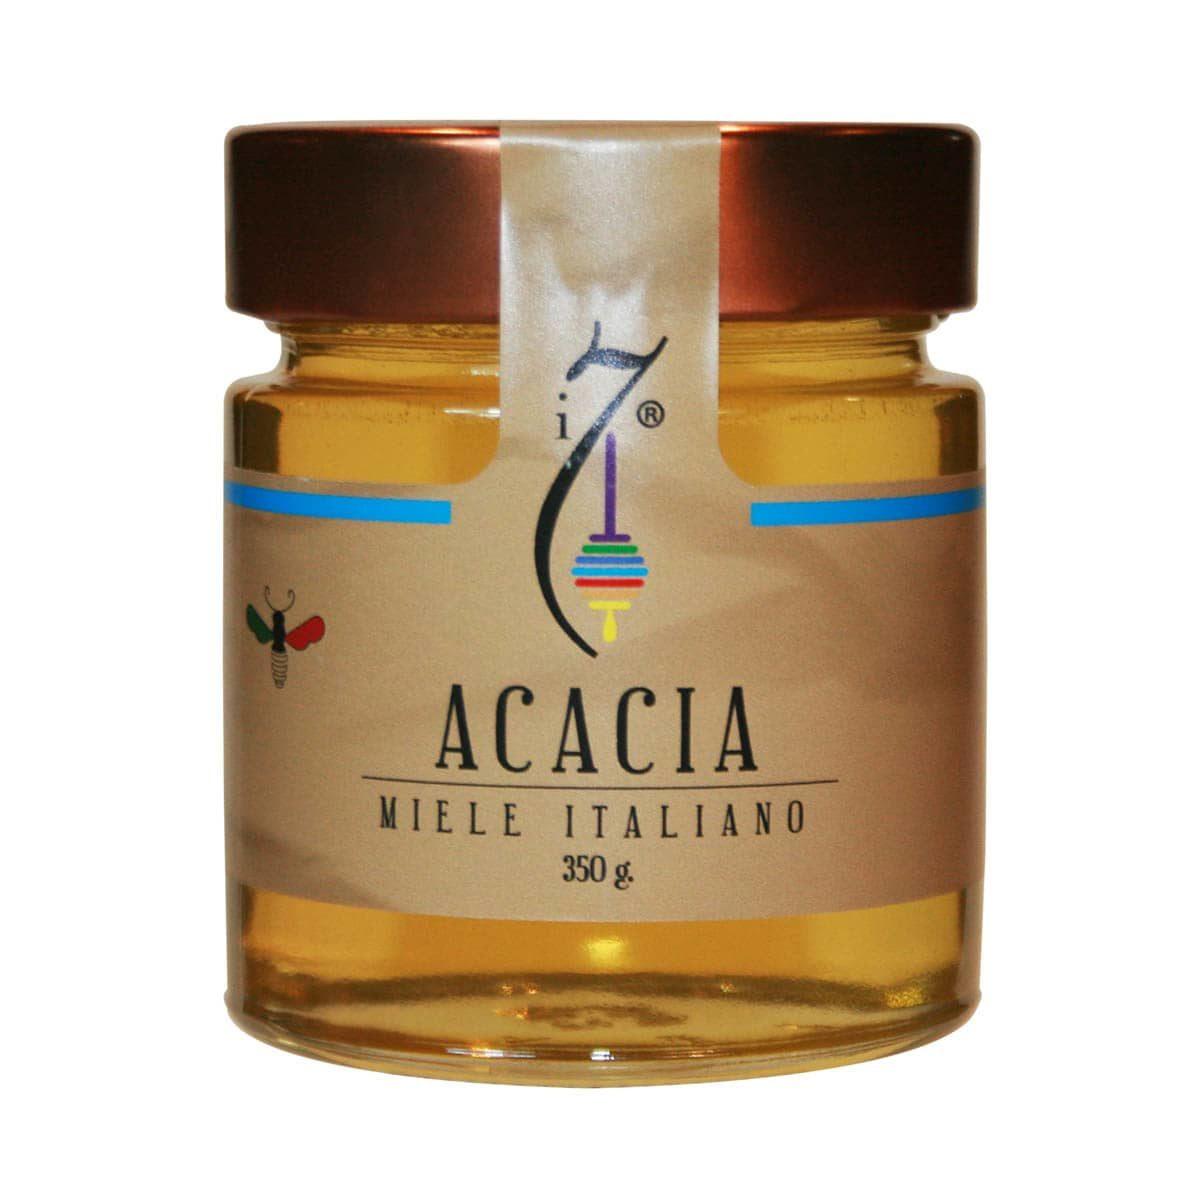 Miele di Acacia i 7 350 gr